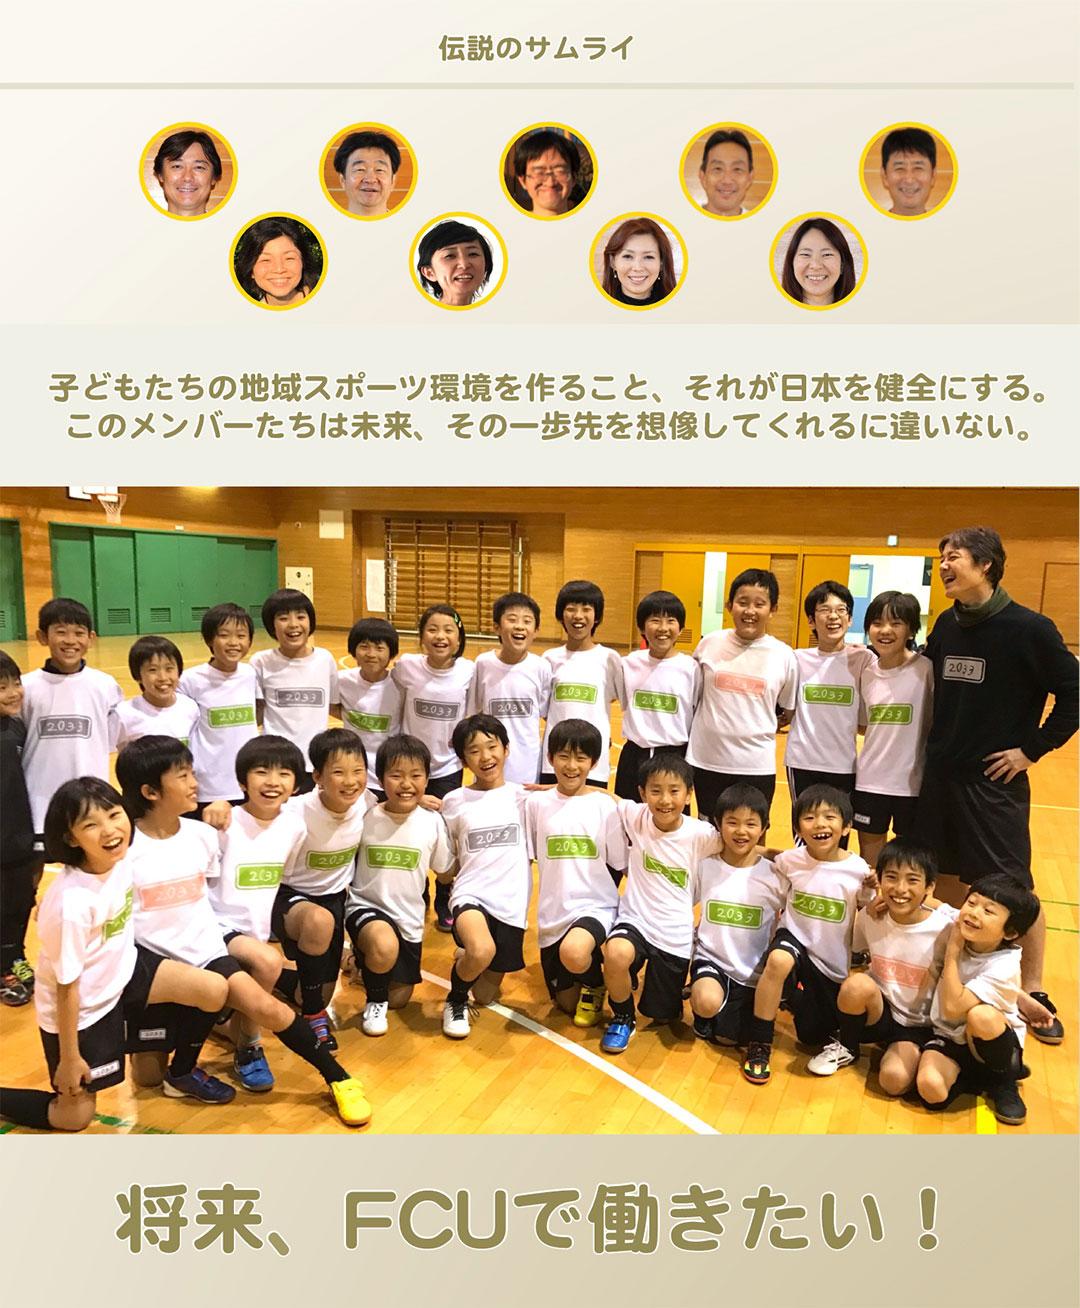 伝説のサムライ|子どもたちの地域スポーツ環境を作ること、それが日本を健全にする。このメンバーたちは未来、その一歩先を想像してくれるに違いない。|将来、FCUで働きたい!